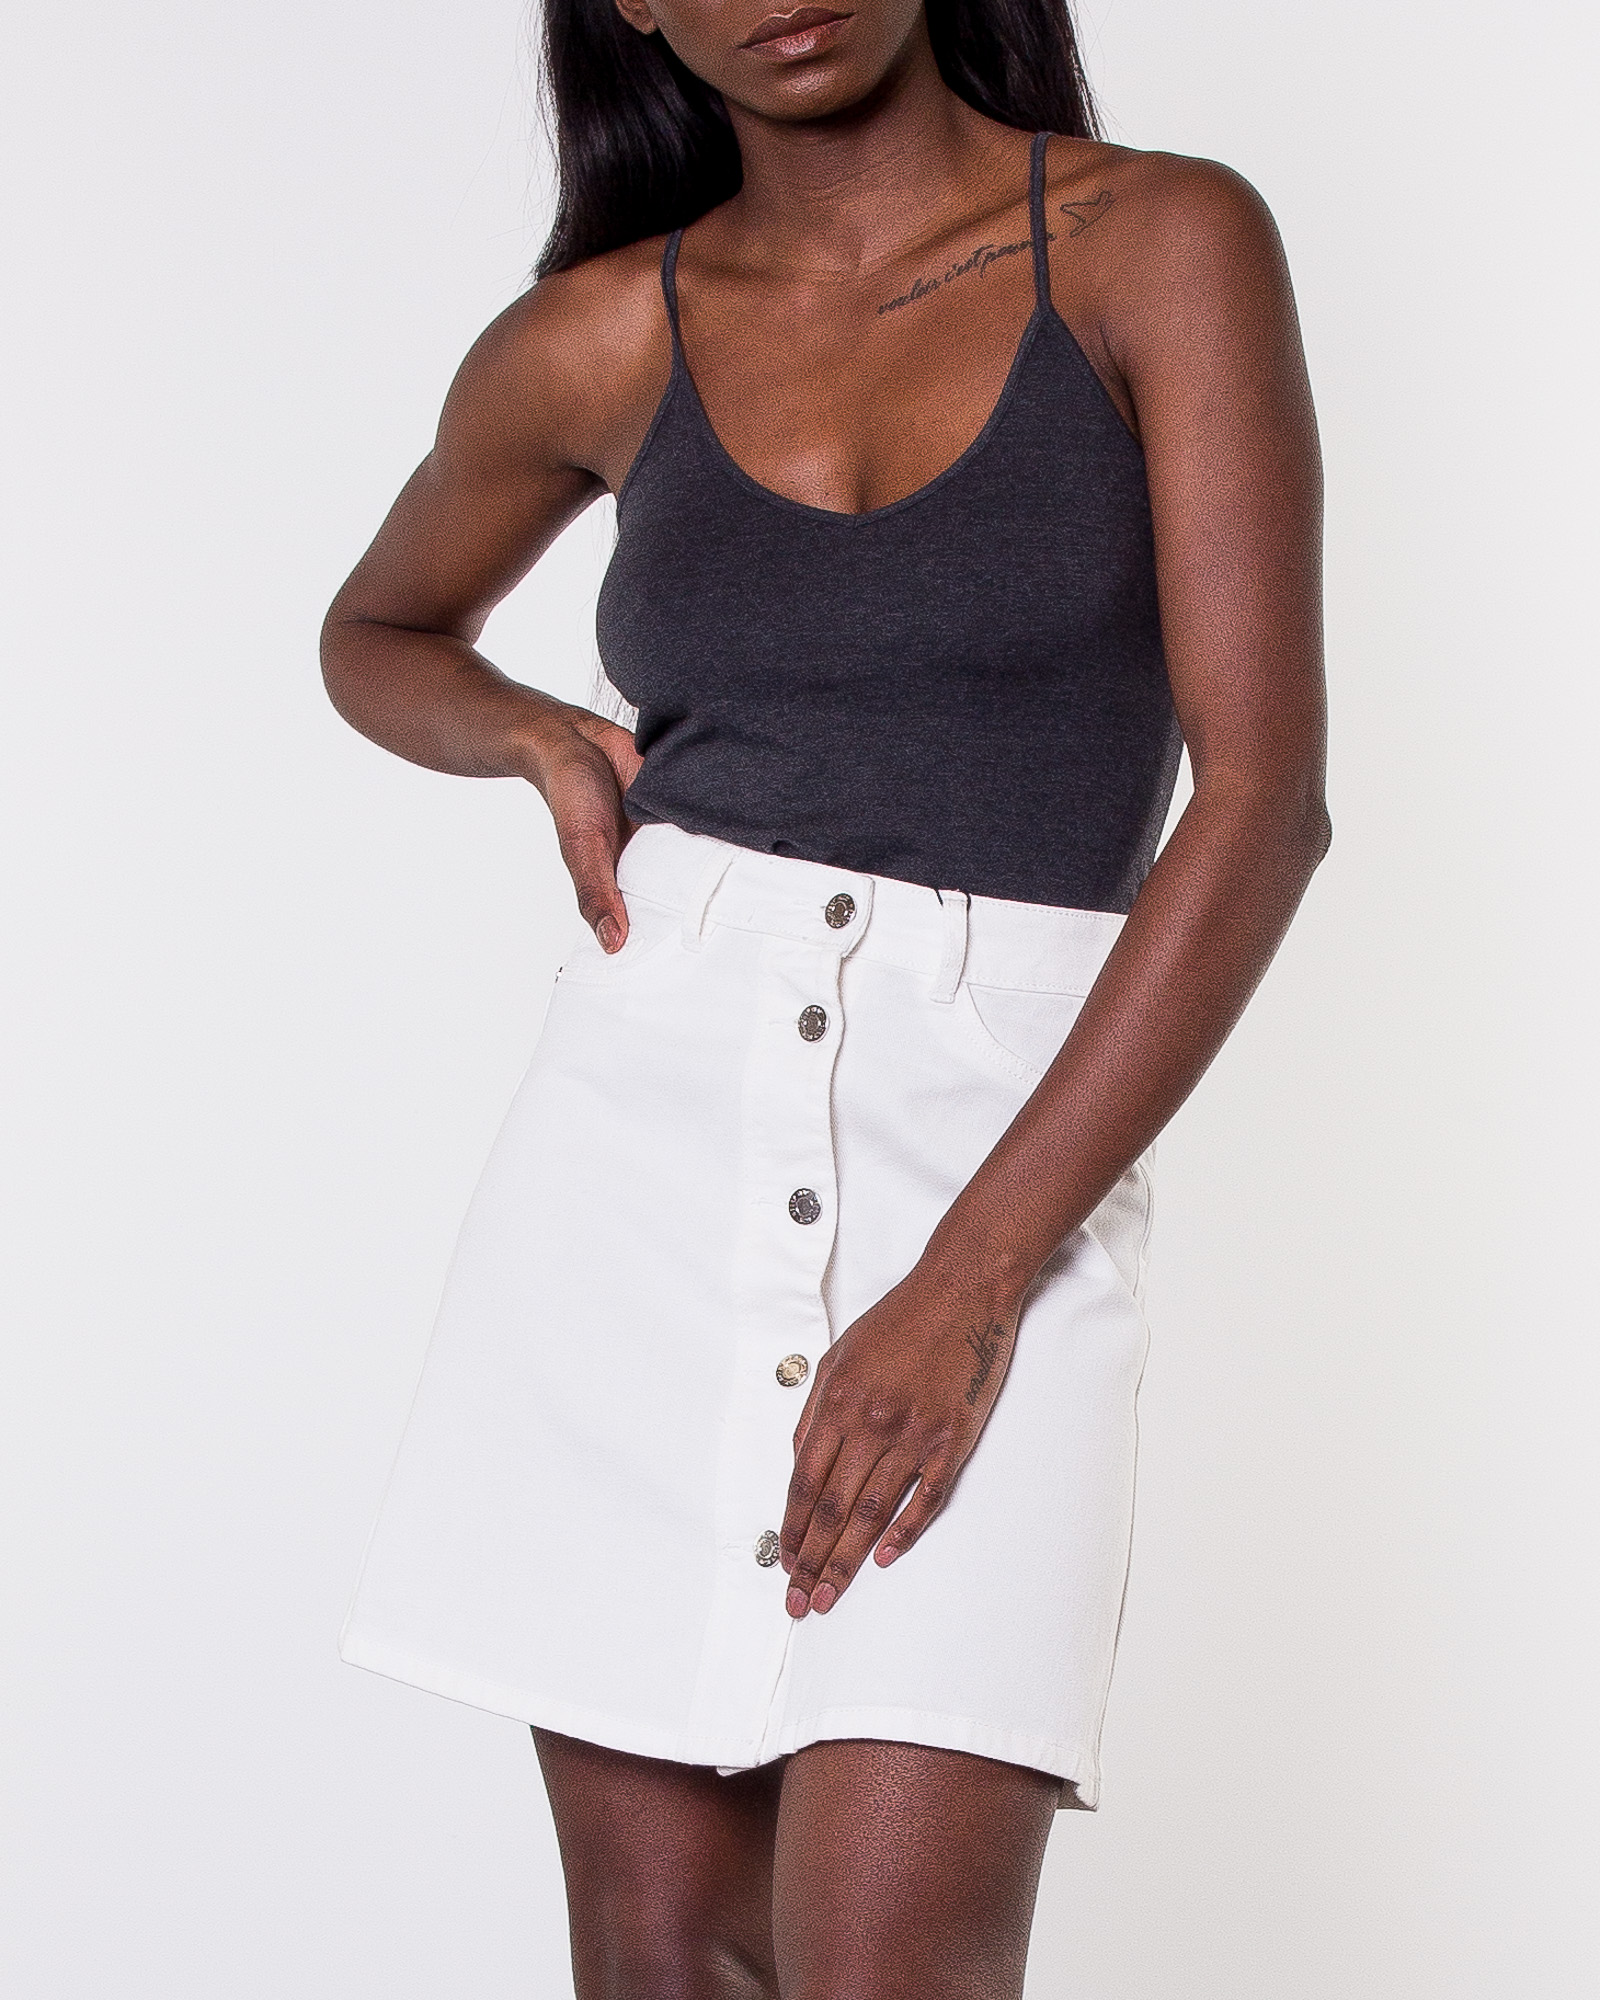 e2622288a69101 Noisy may, Sunny Short Skater Skirt Bright White | Women's Skirts |  HOUSEOFBRANDON.COM